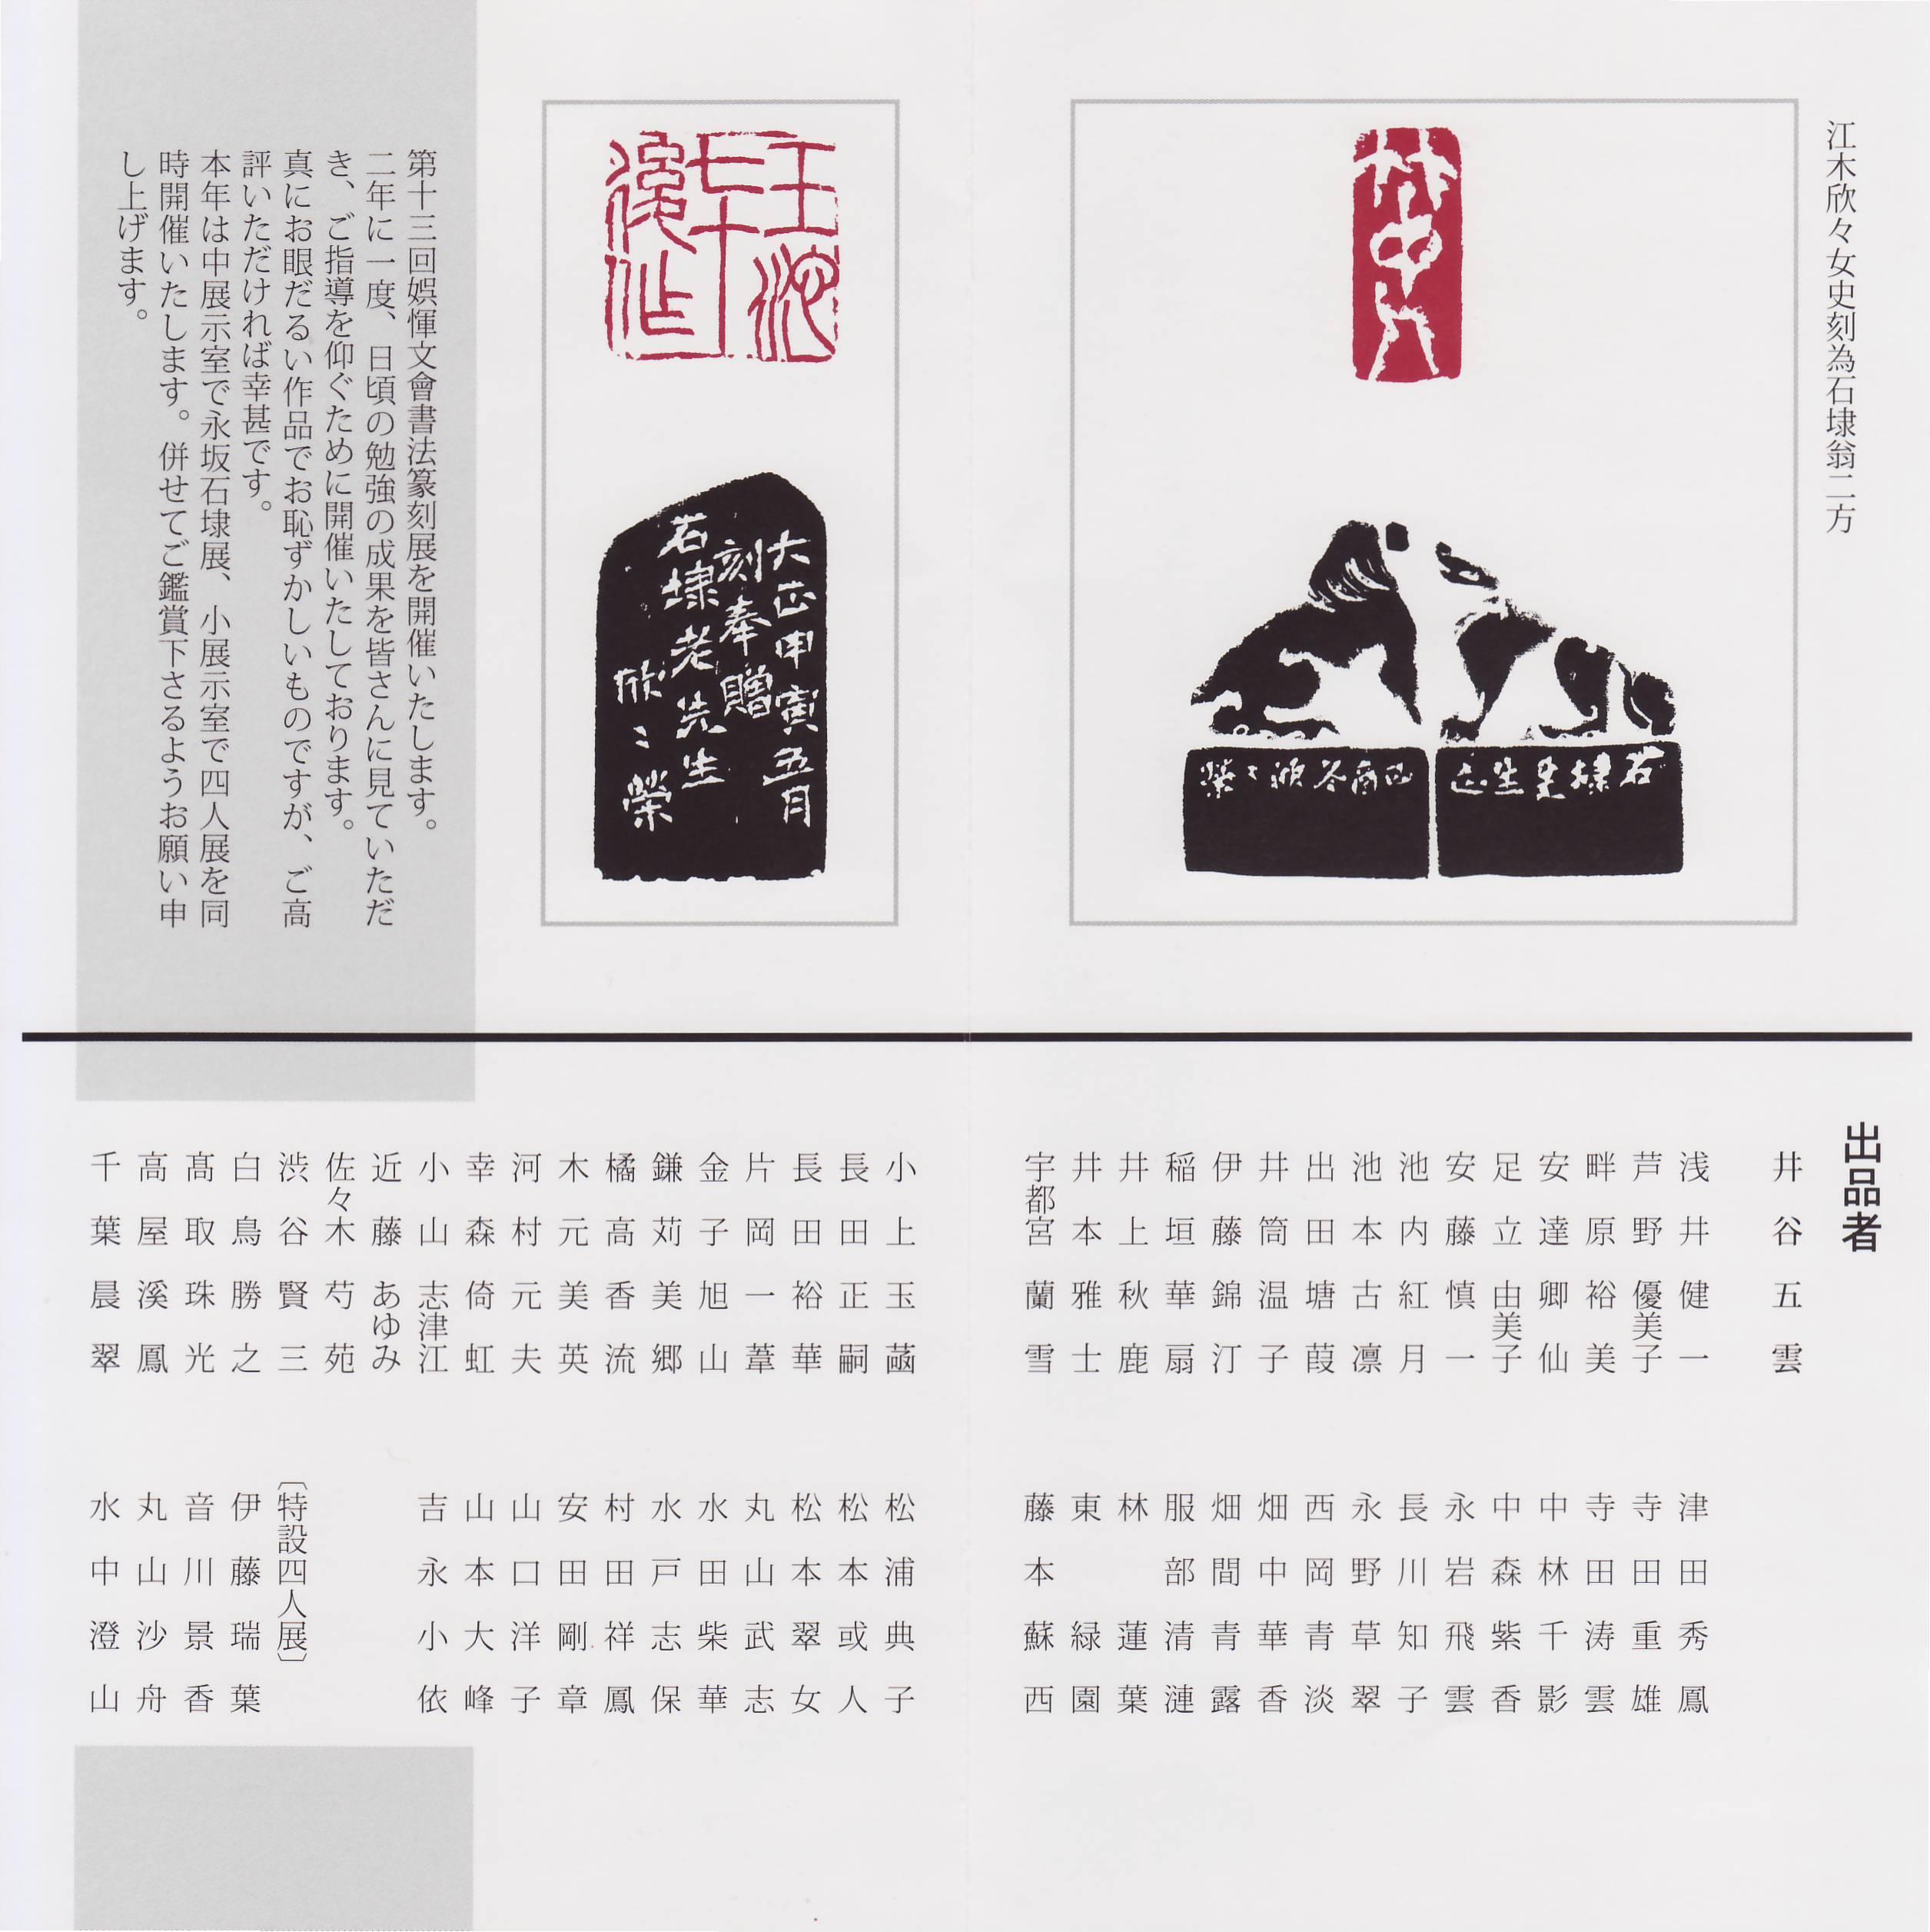 第13回 娯惲文會展 書・篆刻_a0149565_10050630.jpg